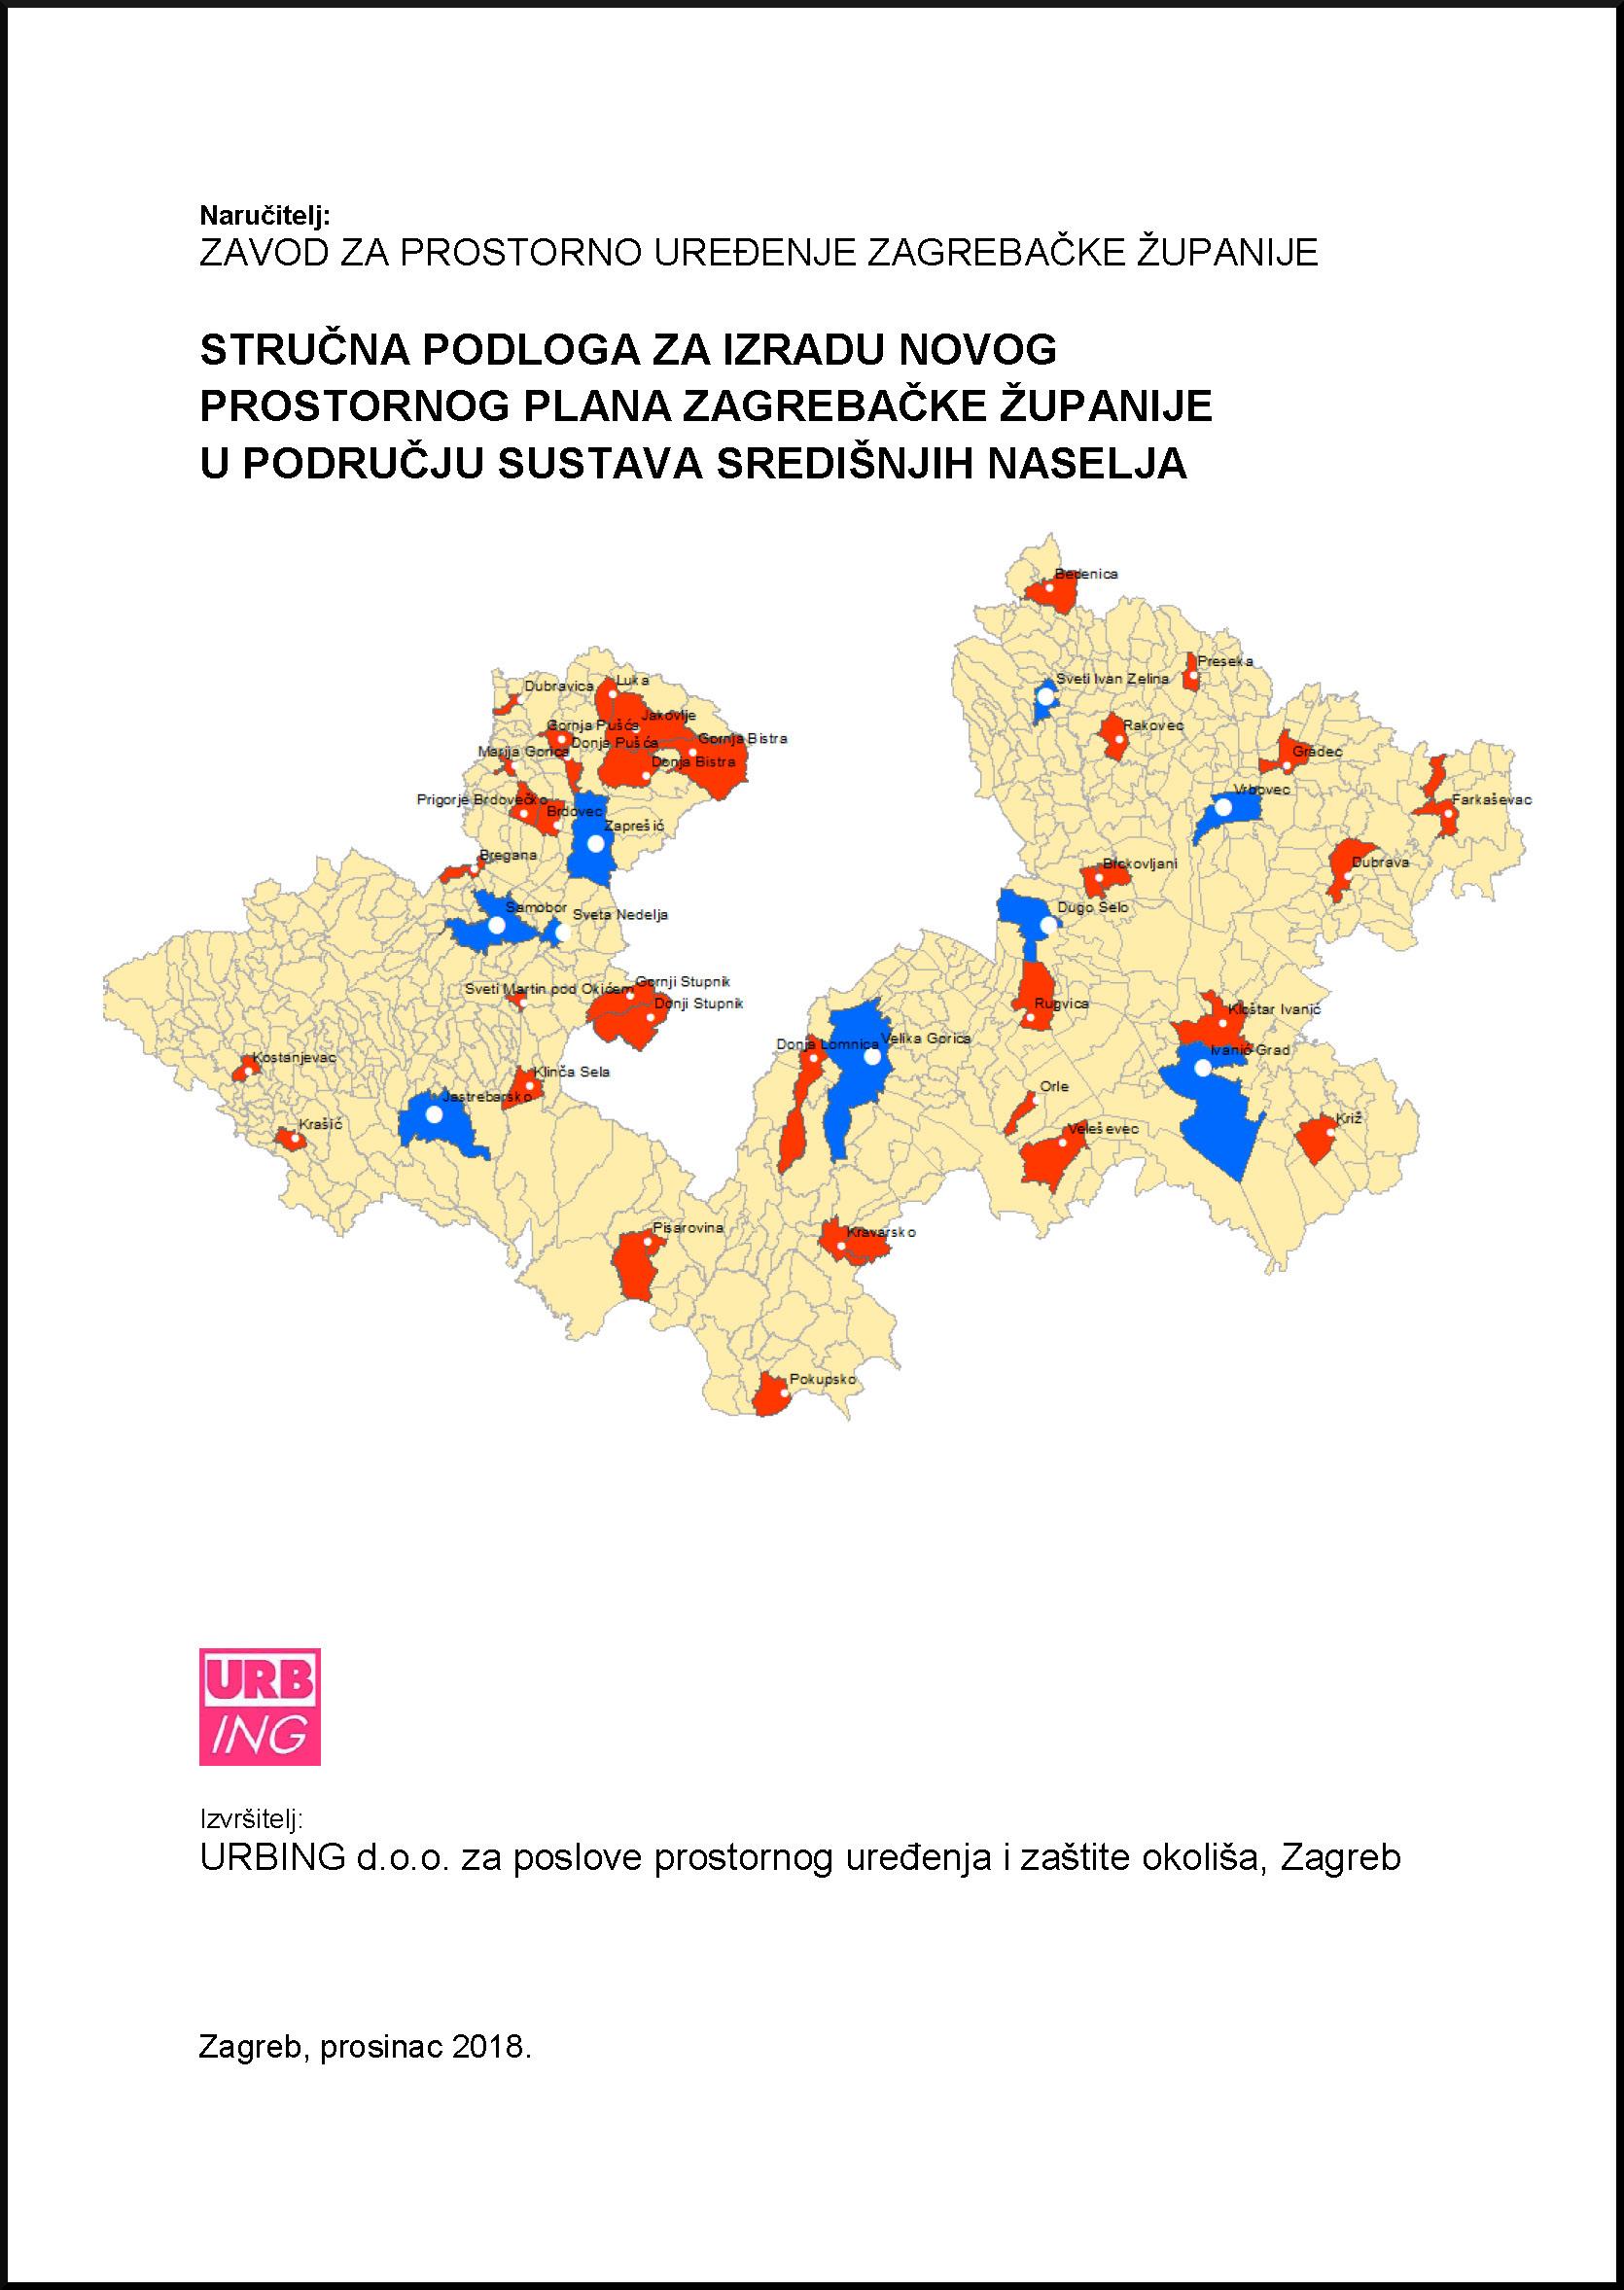 Stručna podloga za izradu novog Prostornog plana Zagrebačke županije u području sustava središnjih naselja